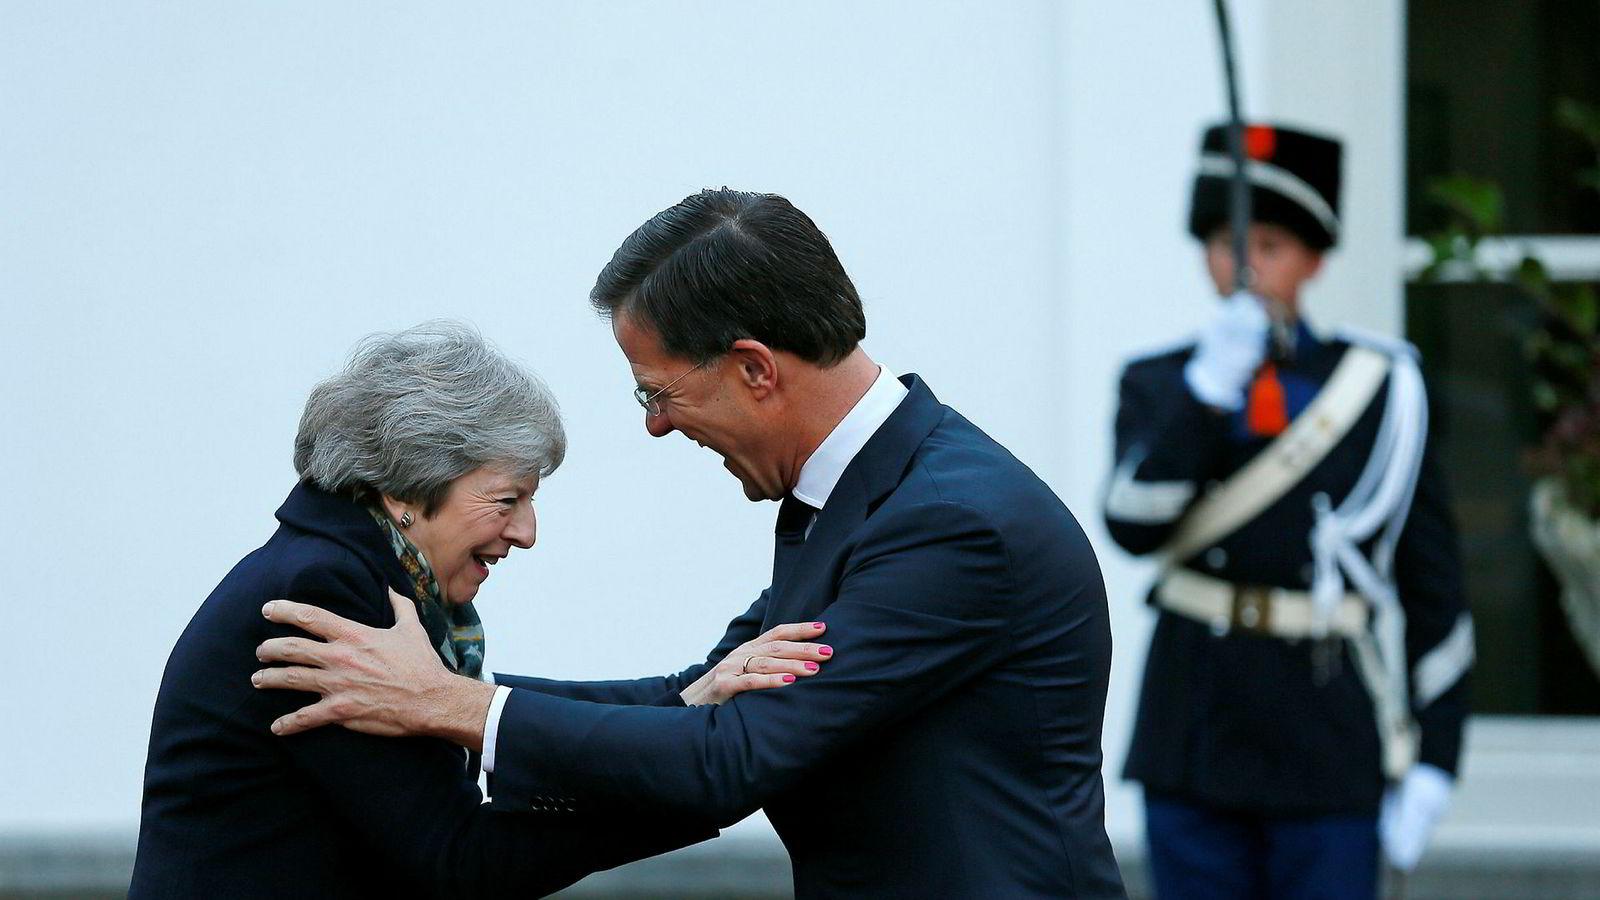 Den britiske statsministeren Theresa May ble hjertelig mottatt av sin nederlandske kollega Mark Rutte i Haag tirsdag formiddag.